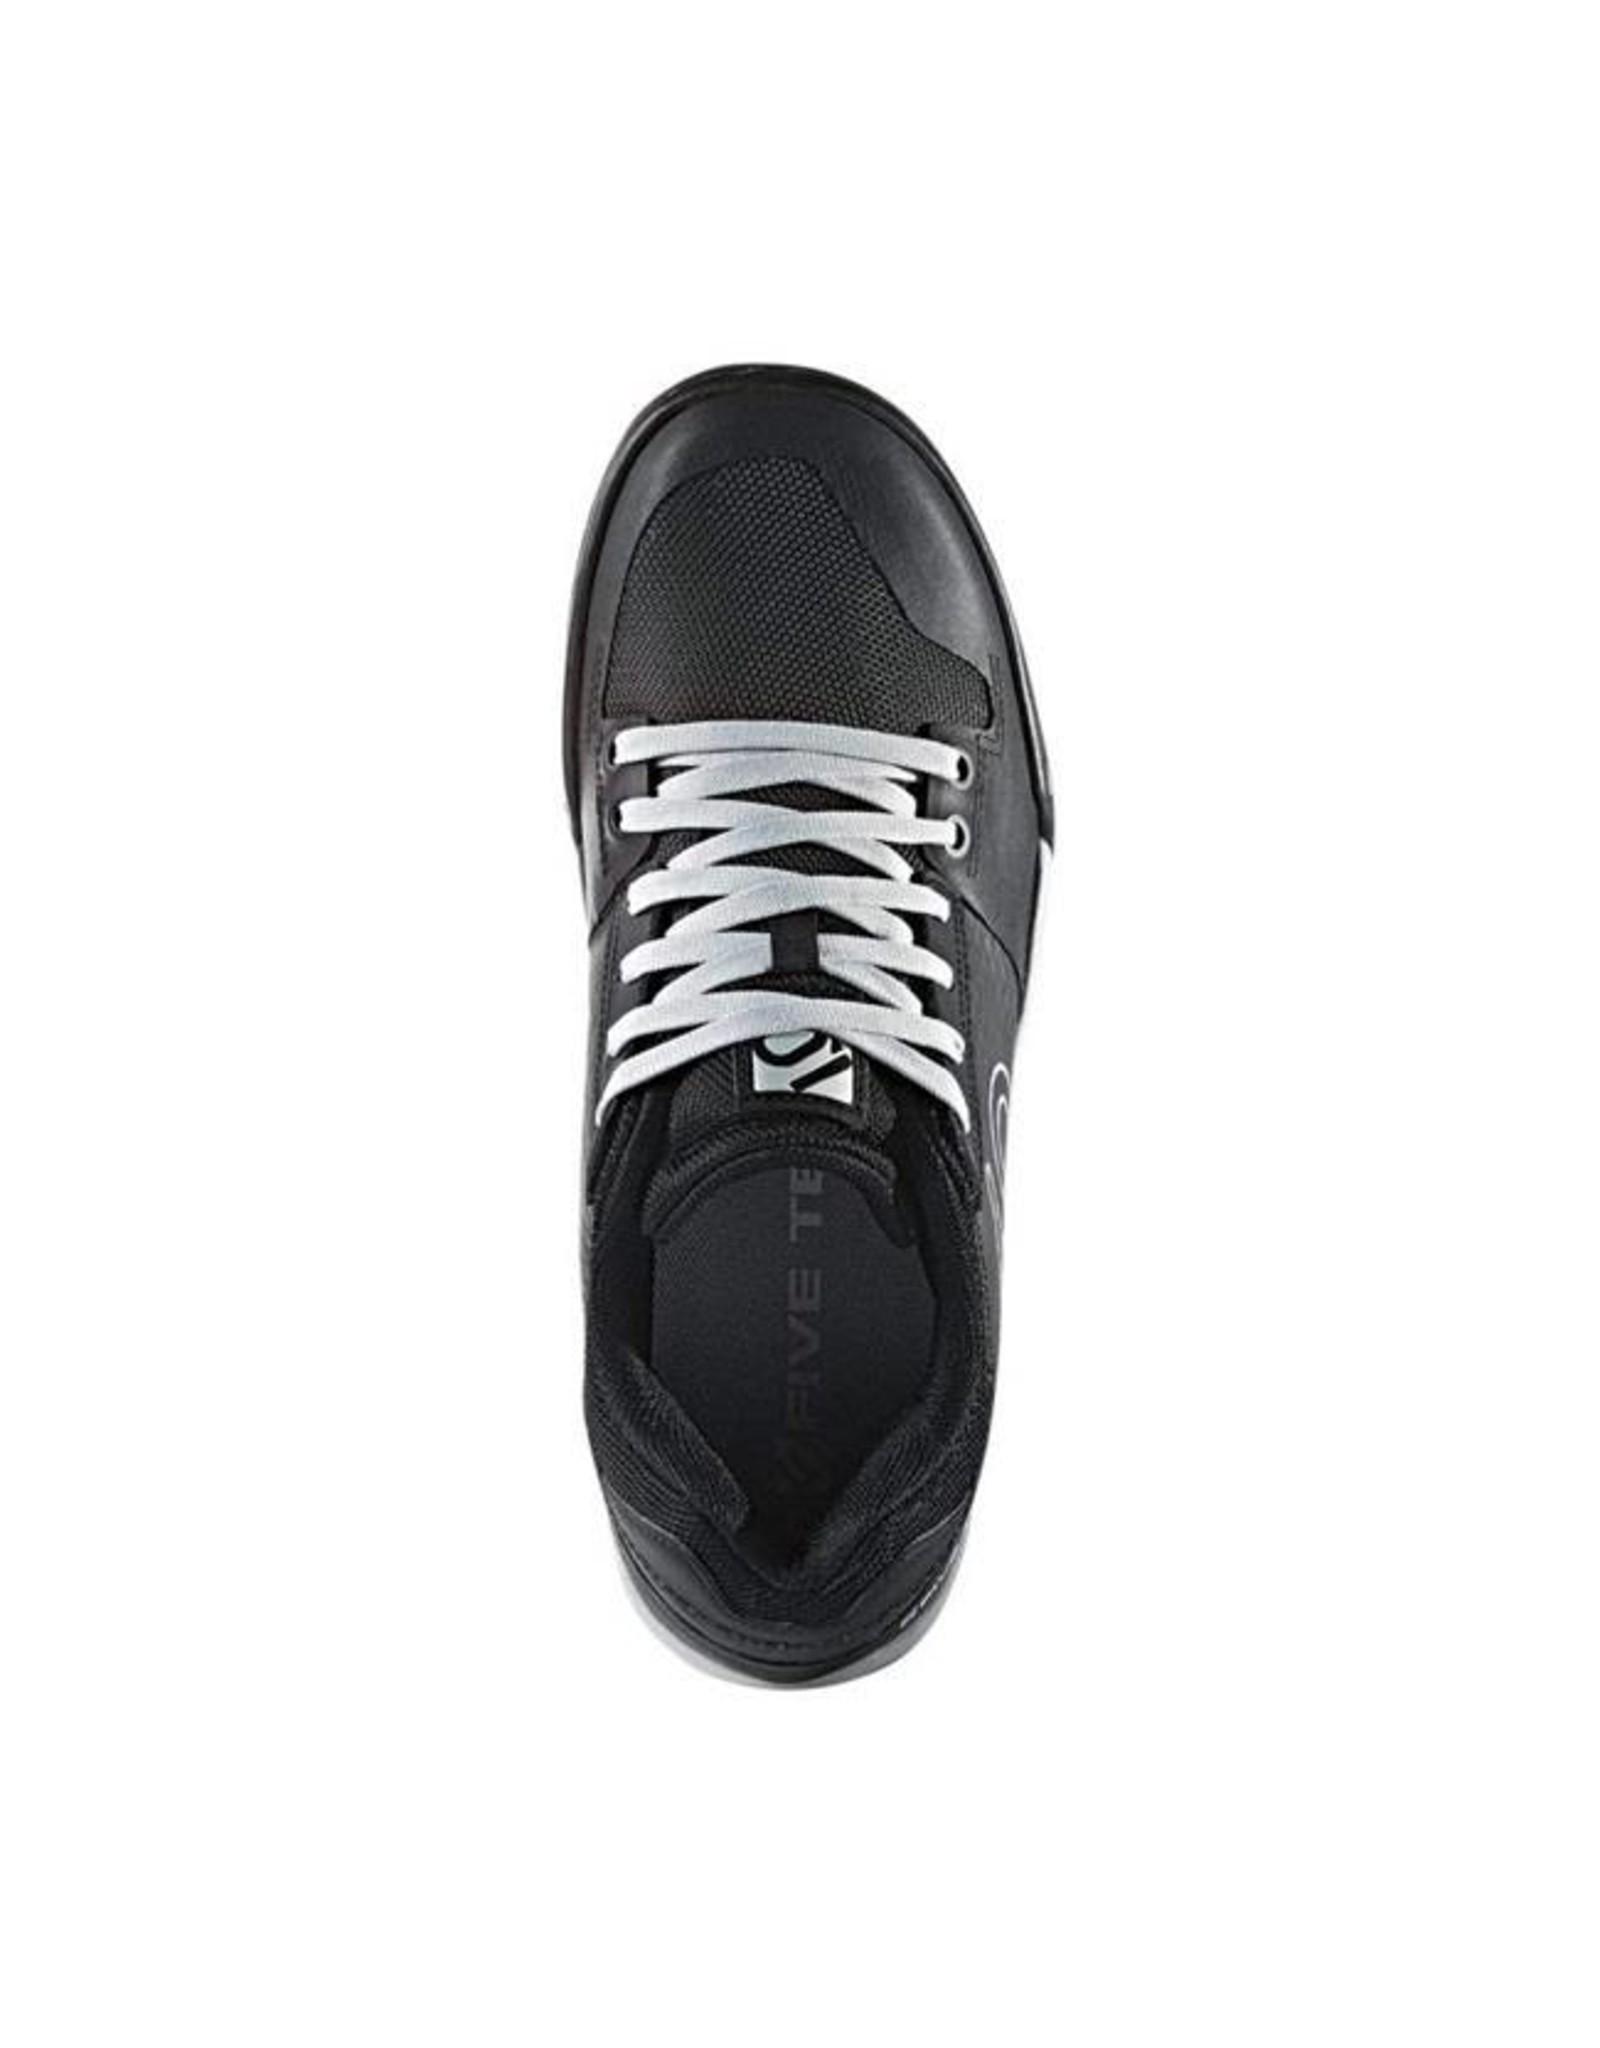 Five Ten Five Ten Freerider Contact Men's Flat Pedal Shoe: Split Black 9.5